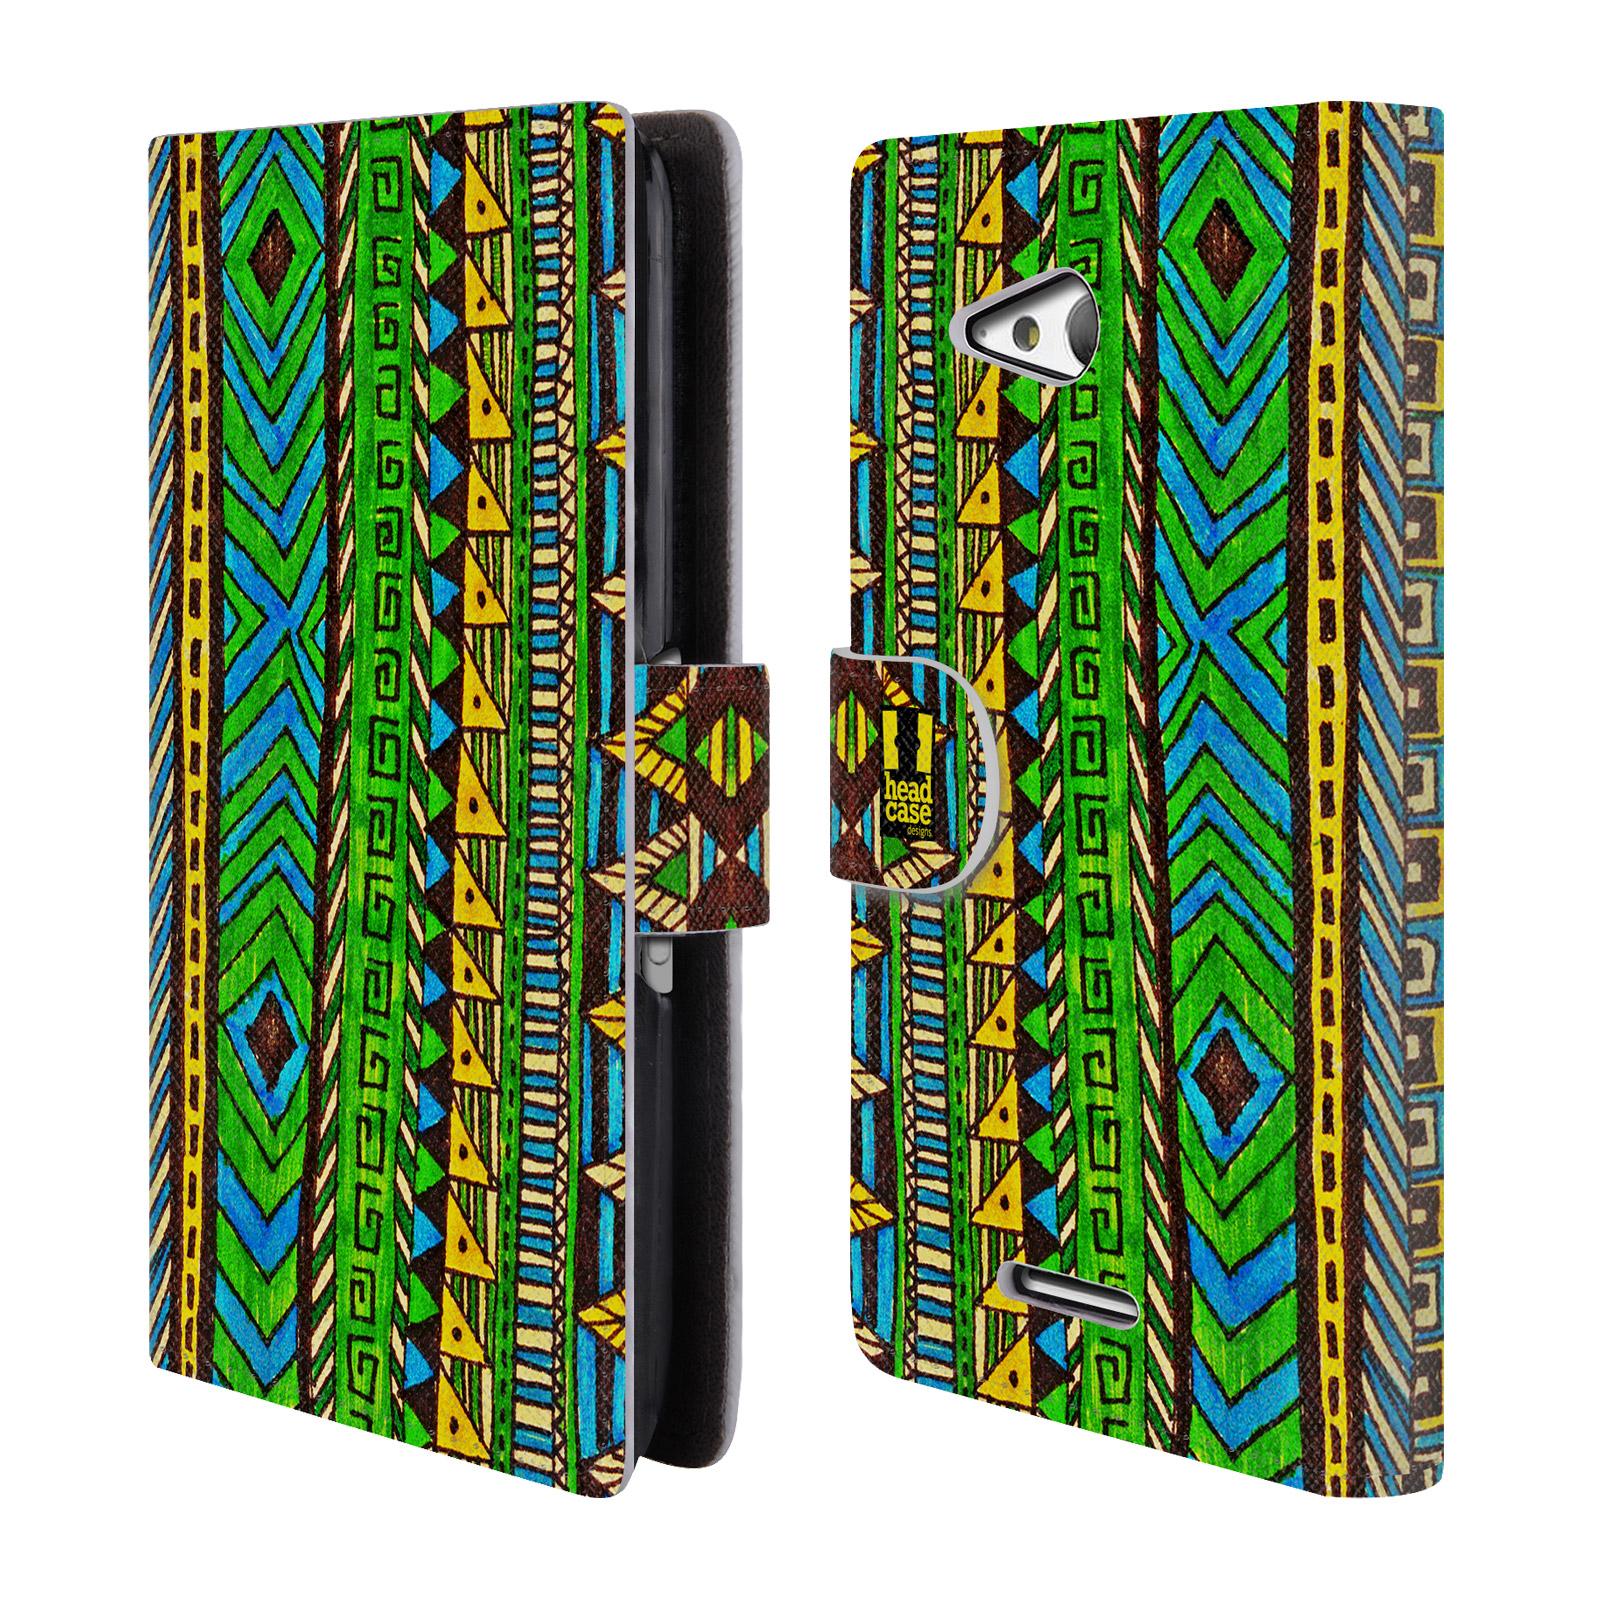 HEAD CASE Flipové pouzdro pro mobil SONY XPERIA E4g Barevná aztécká čmáranice zelená